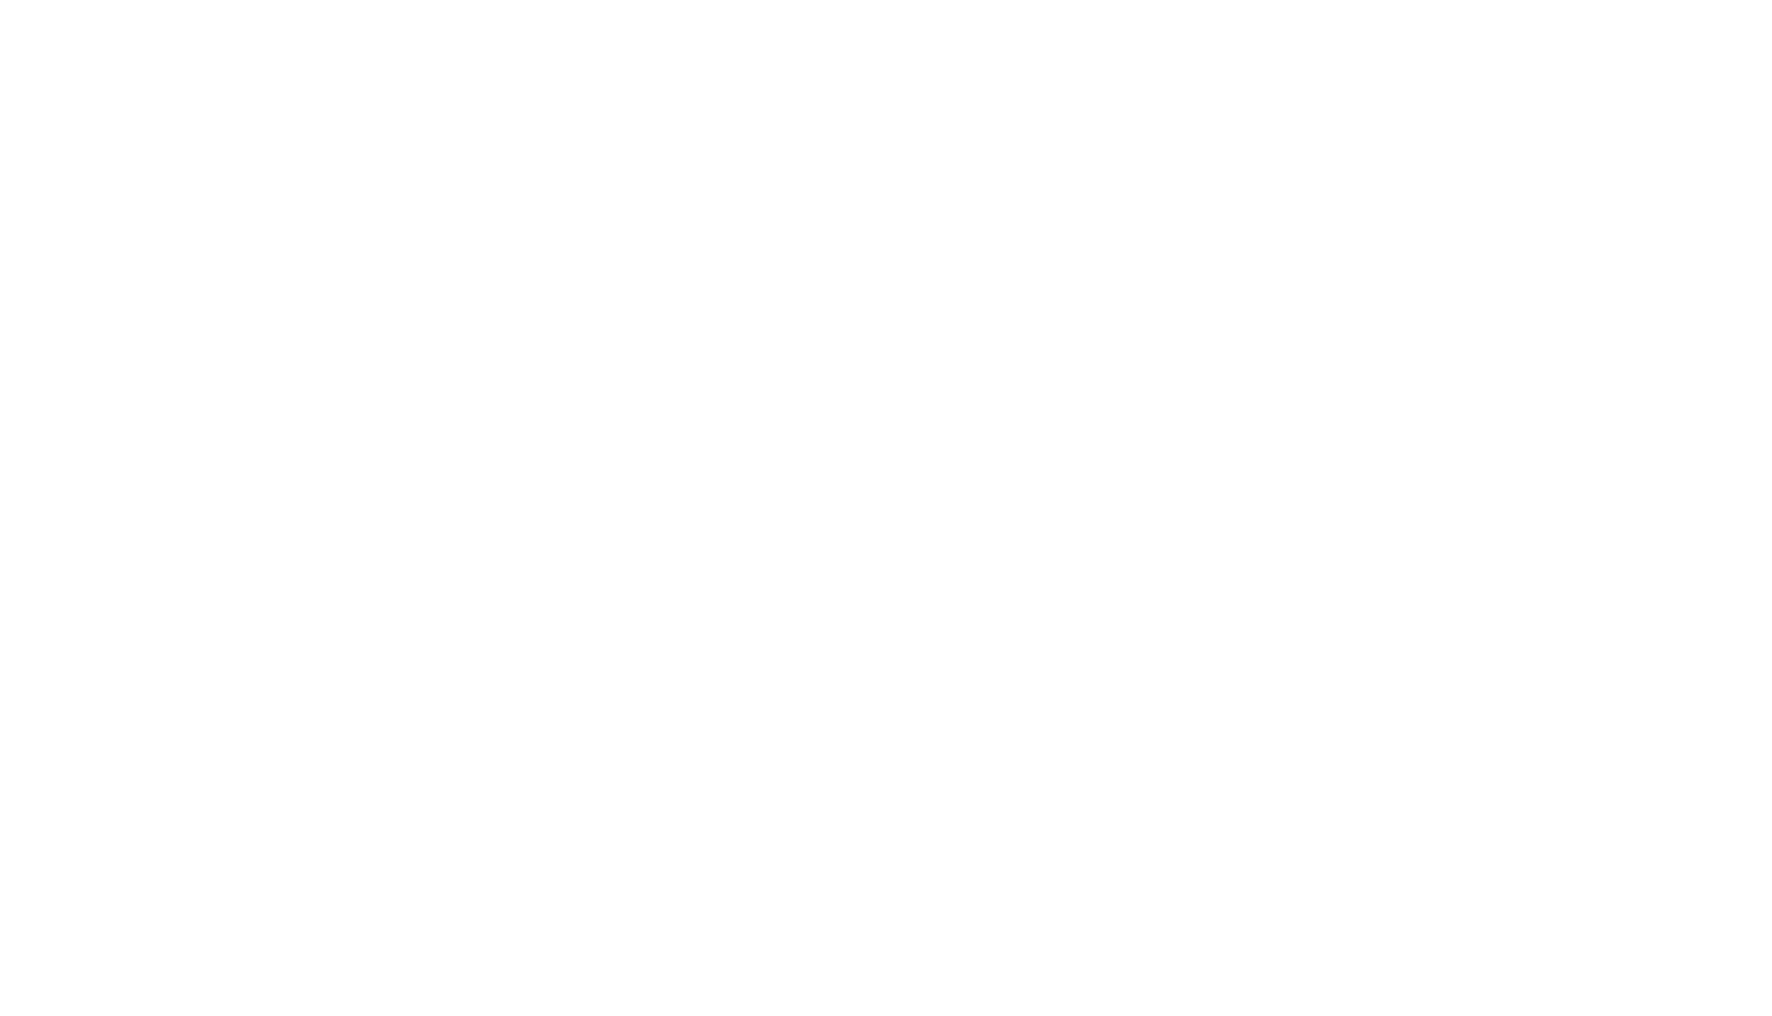 ids-commacross